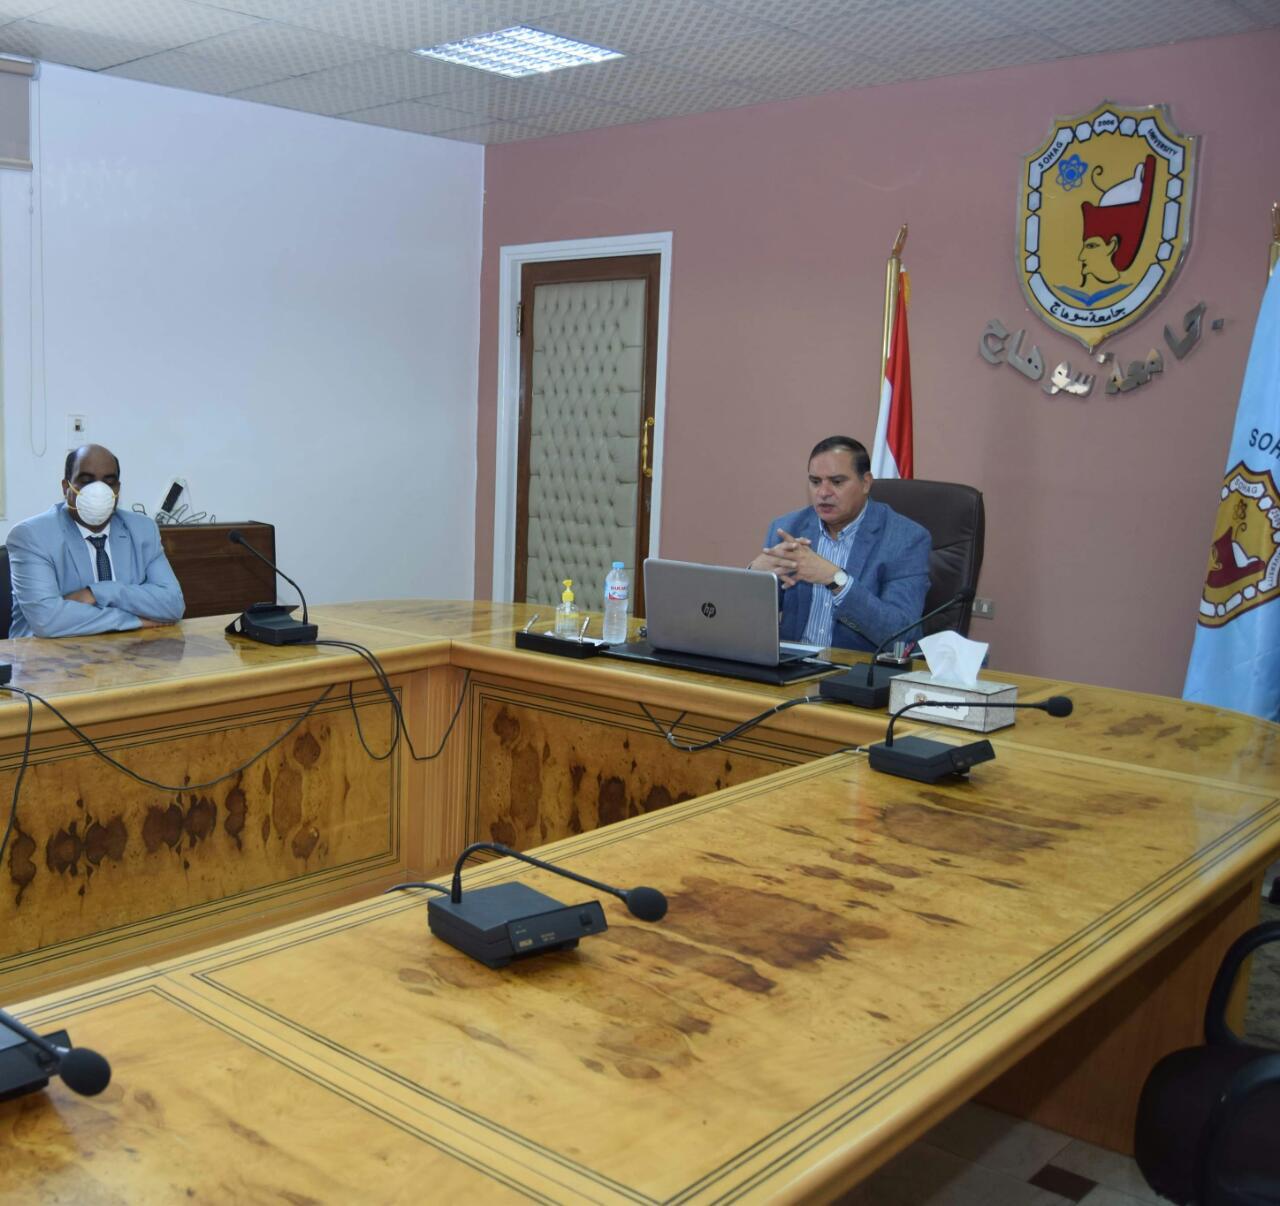 رئيس جامعة سوهاج يناقش مشروع تجهيز أول مركز للامتحانات الإلكترونية (1)